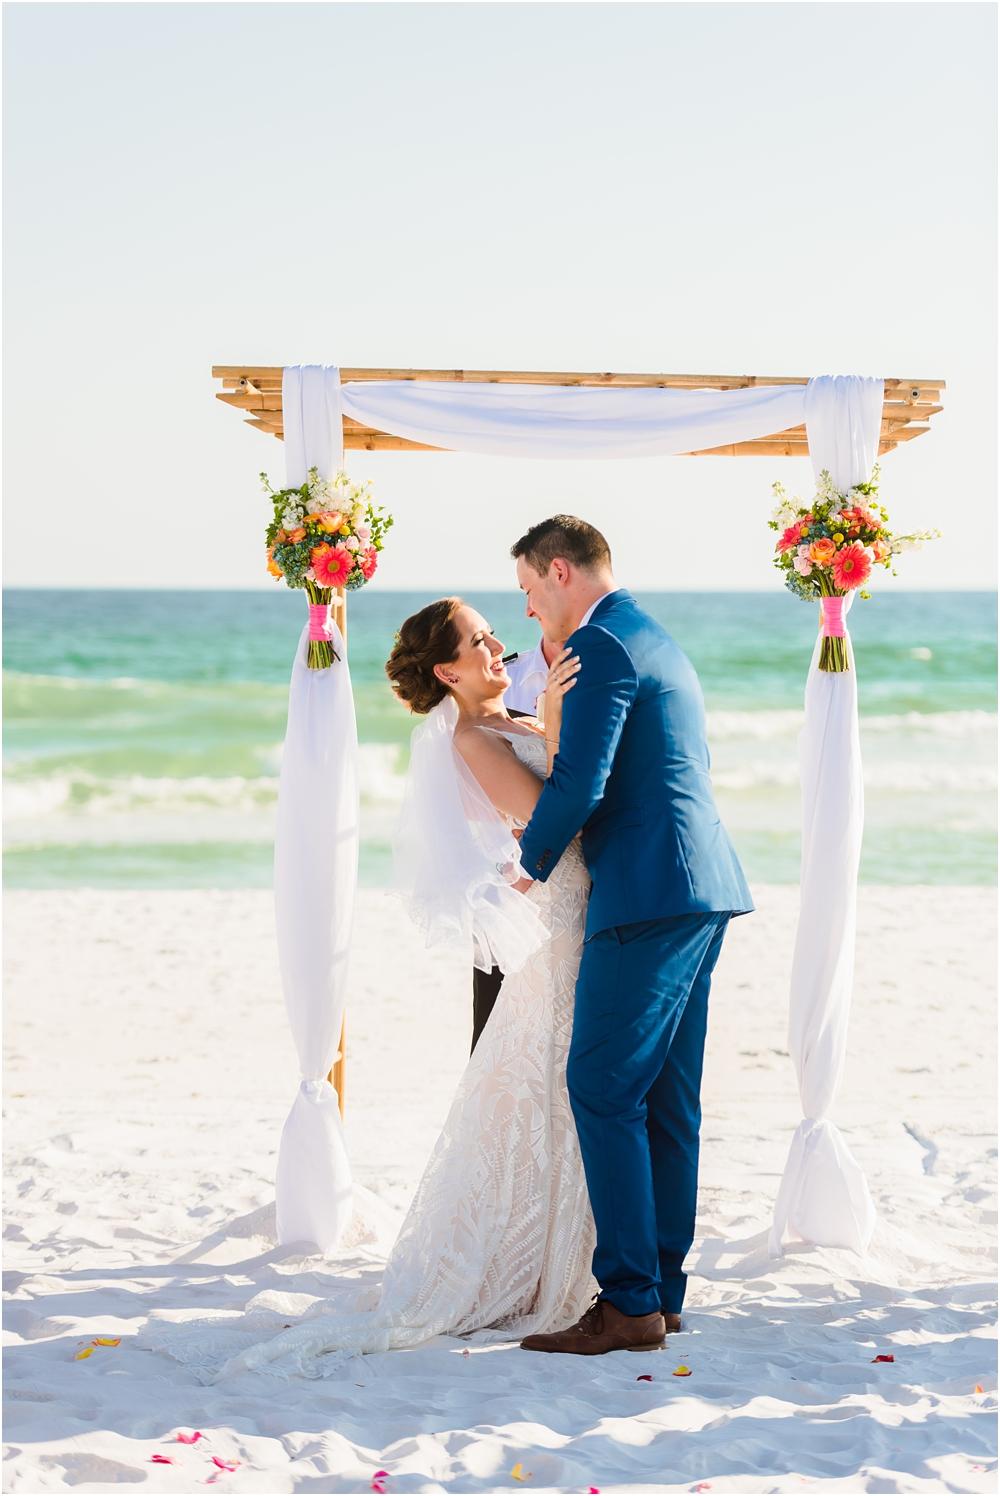 destin-sunquest-cruise-wedding-kiersten-stevenson-photography-56.jpg